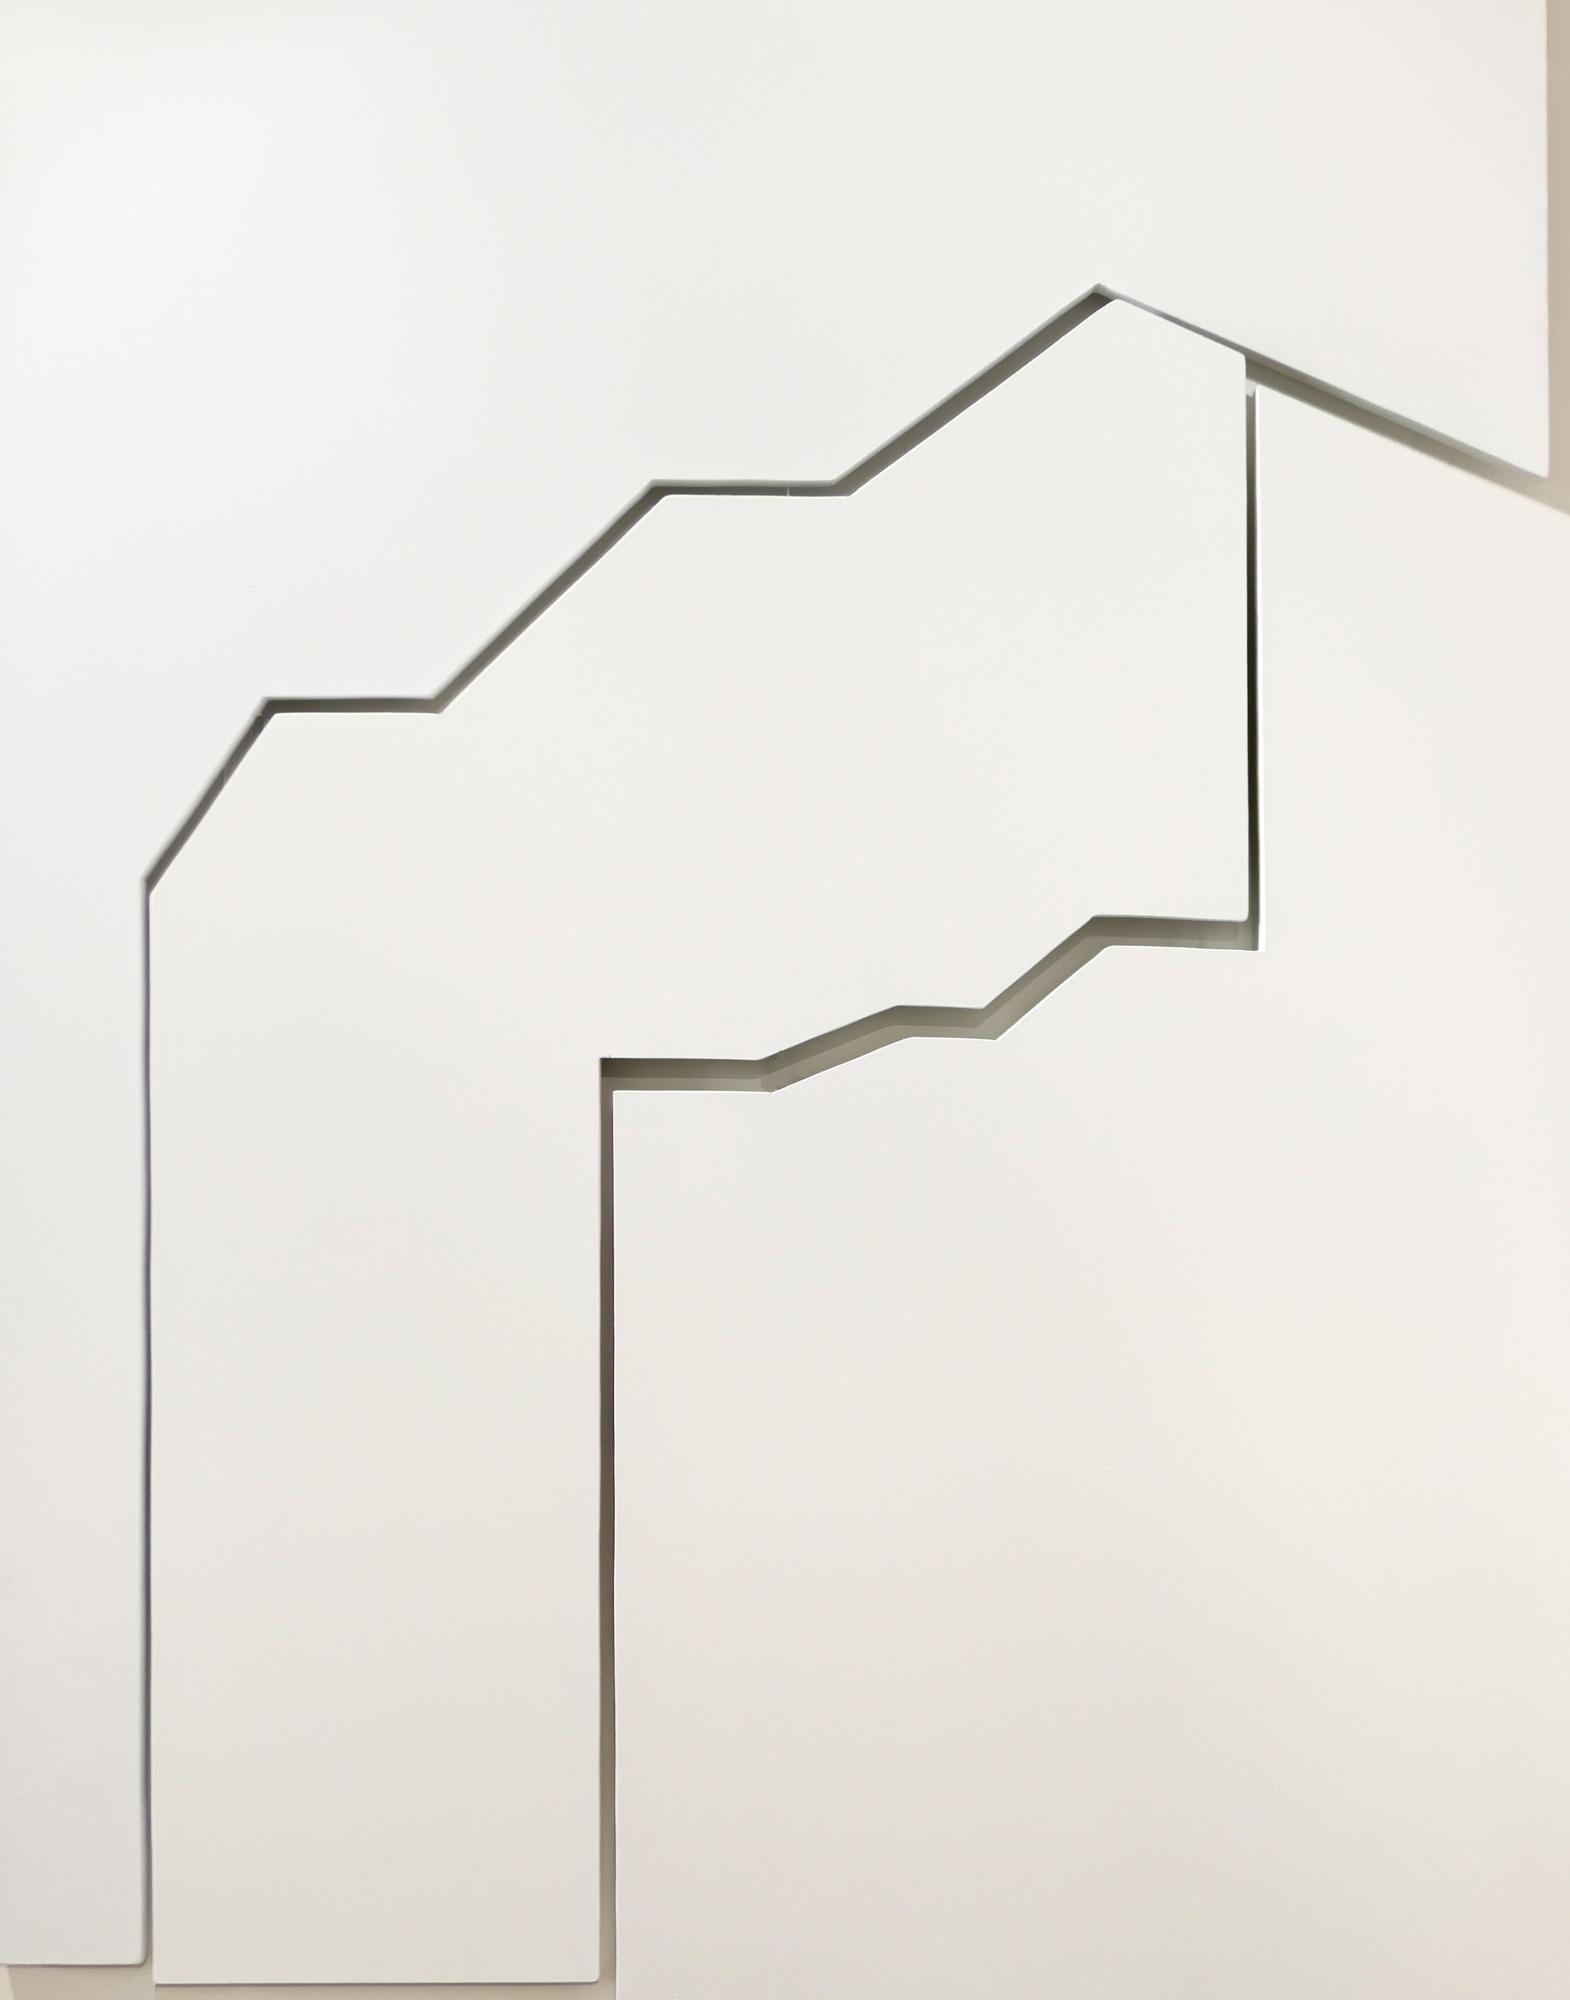 L'Architecture Blanche - 120x95 cm